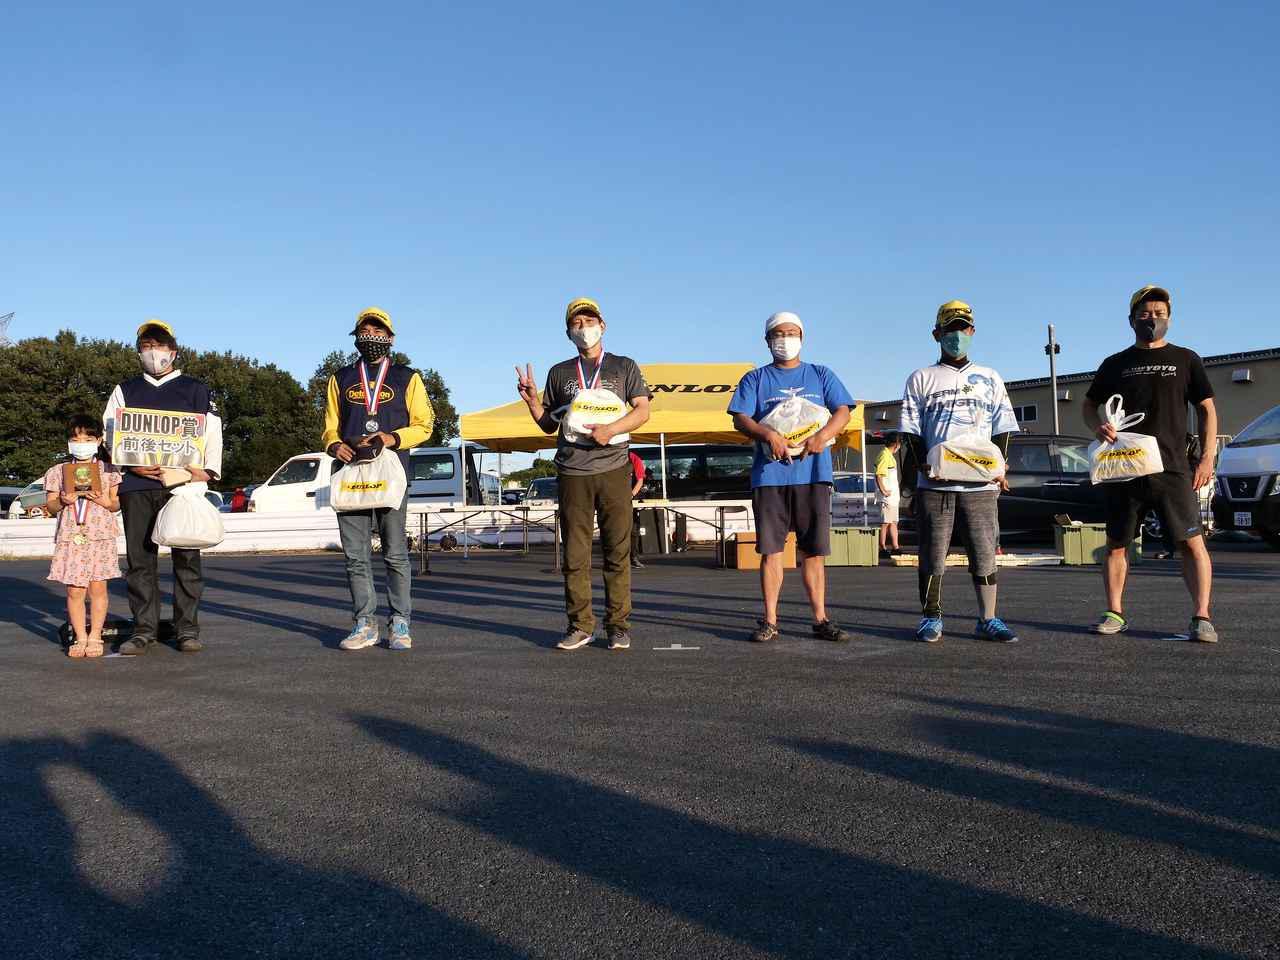 画像: オートバイ杯第3戦のA級入賞者 左から1位・冨永選手、2位・中嶋選手、3位・廣瀬選手、4位・角谷選手、5位・辻家選手、6位・大瀧選手